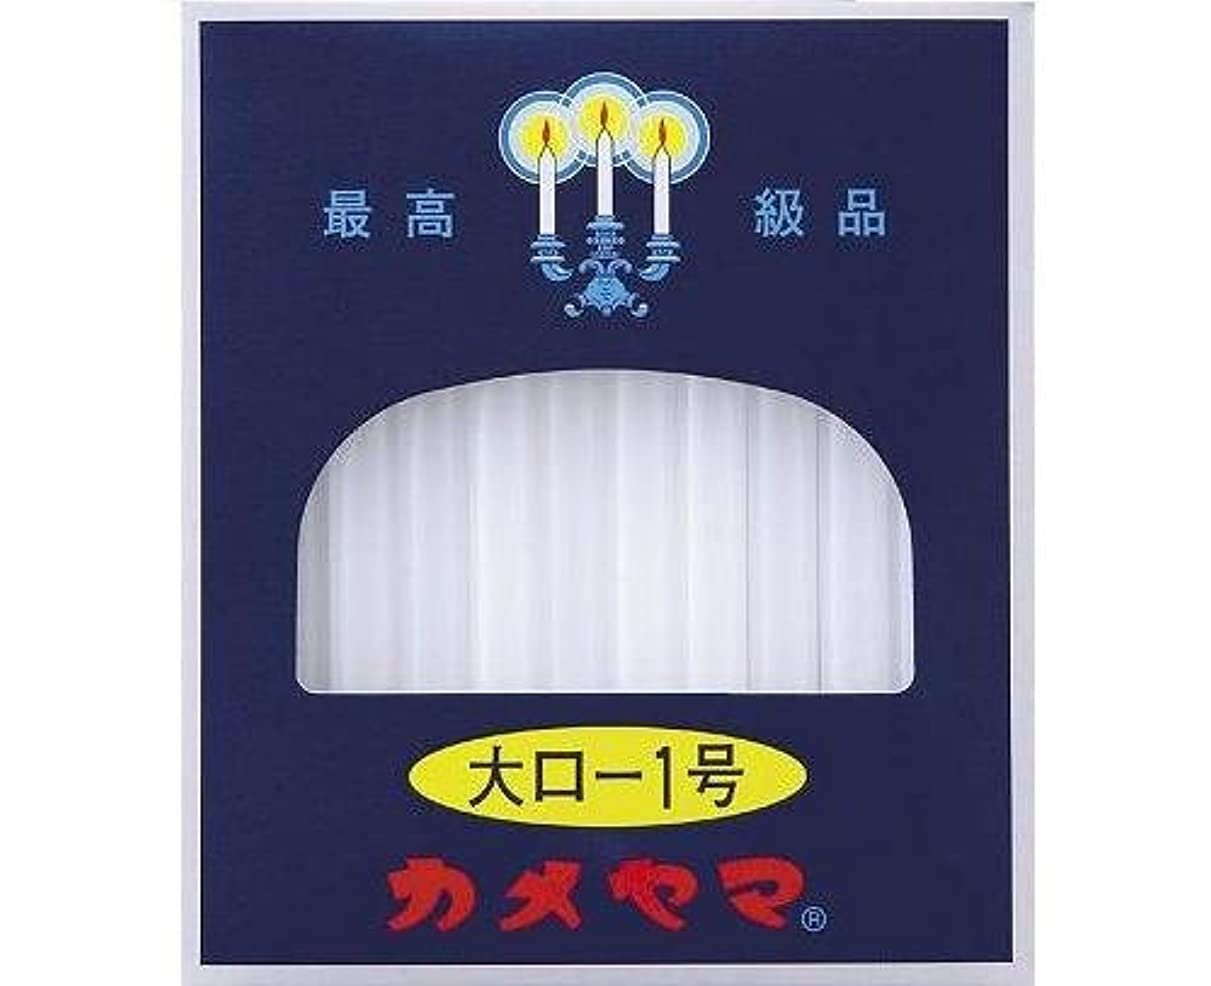 ベリー引き金嵐の大ロ-ソク<1号> 225g